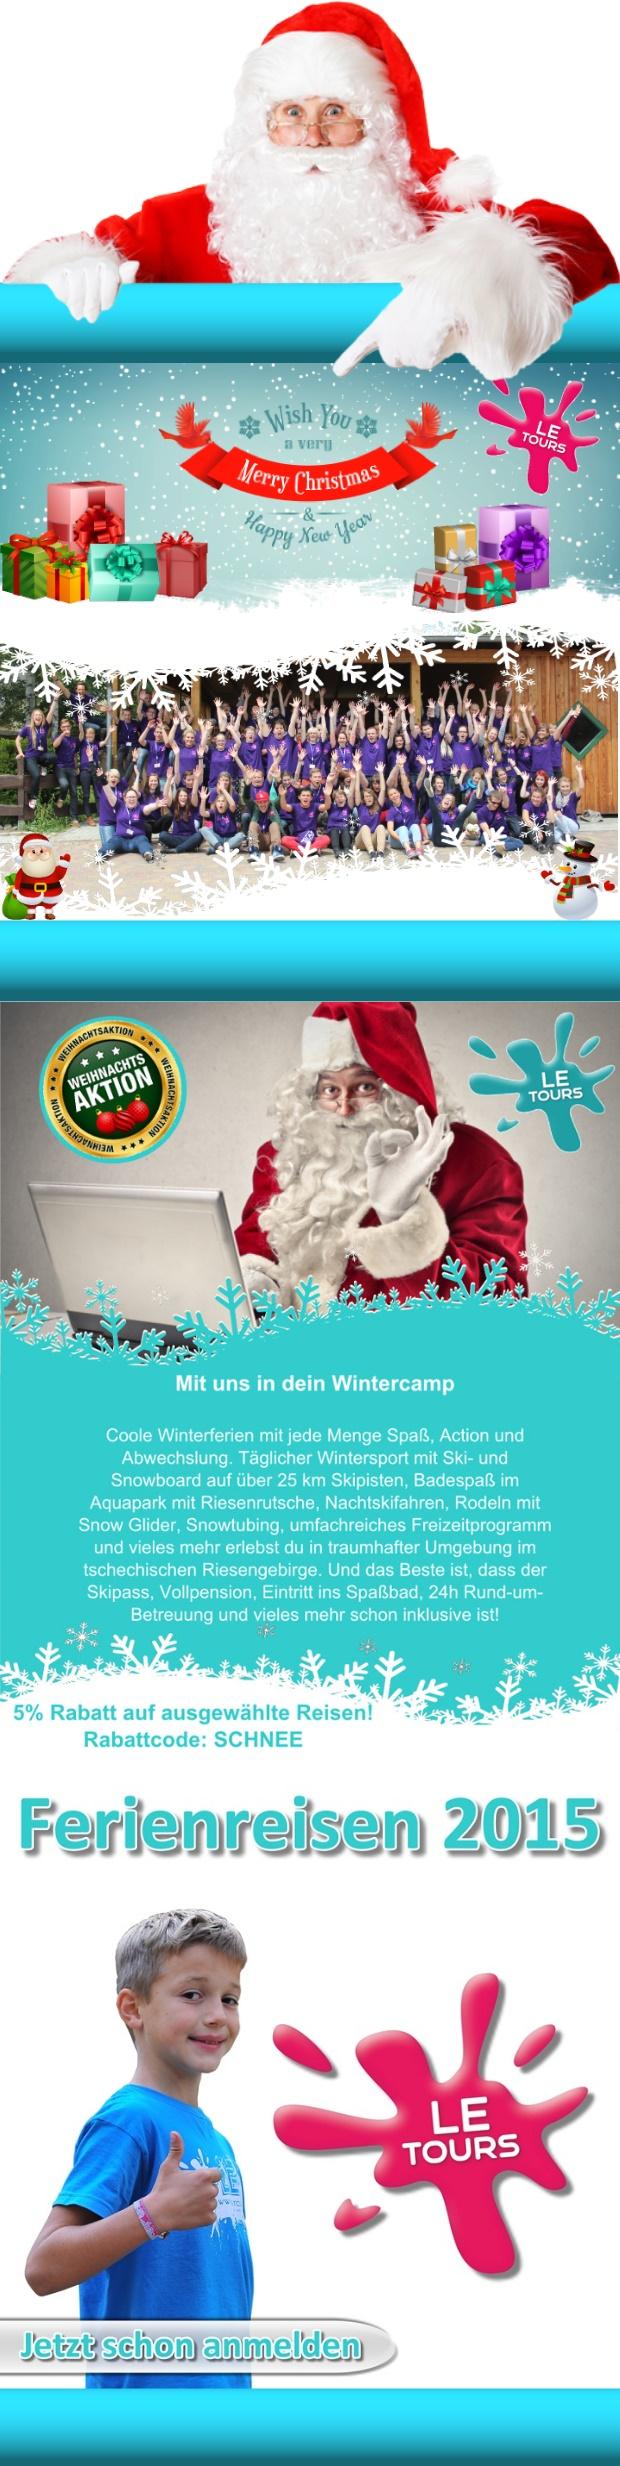 LE-Tours wünscht allen Kindern eine frohe Weihnachtszeit sowie ein gesundes neues Jahr 2015 - www.le-tours.de